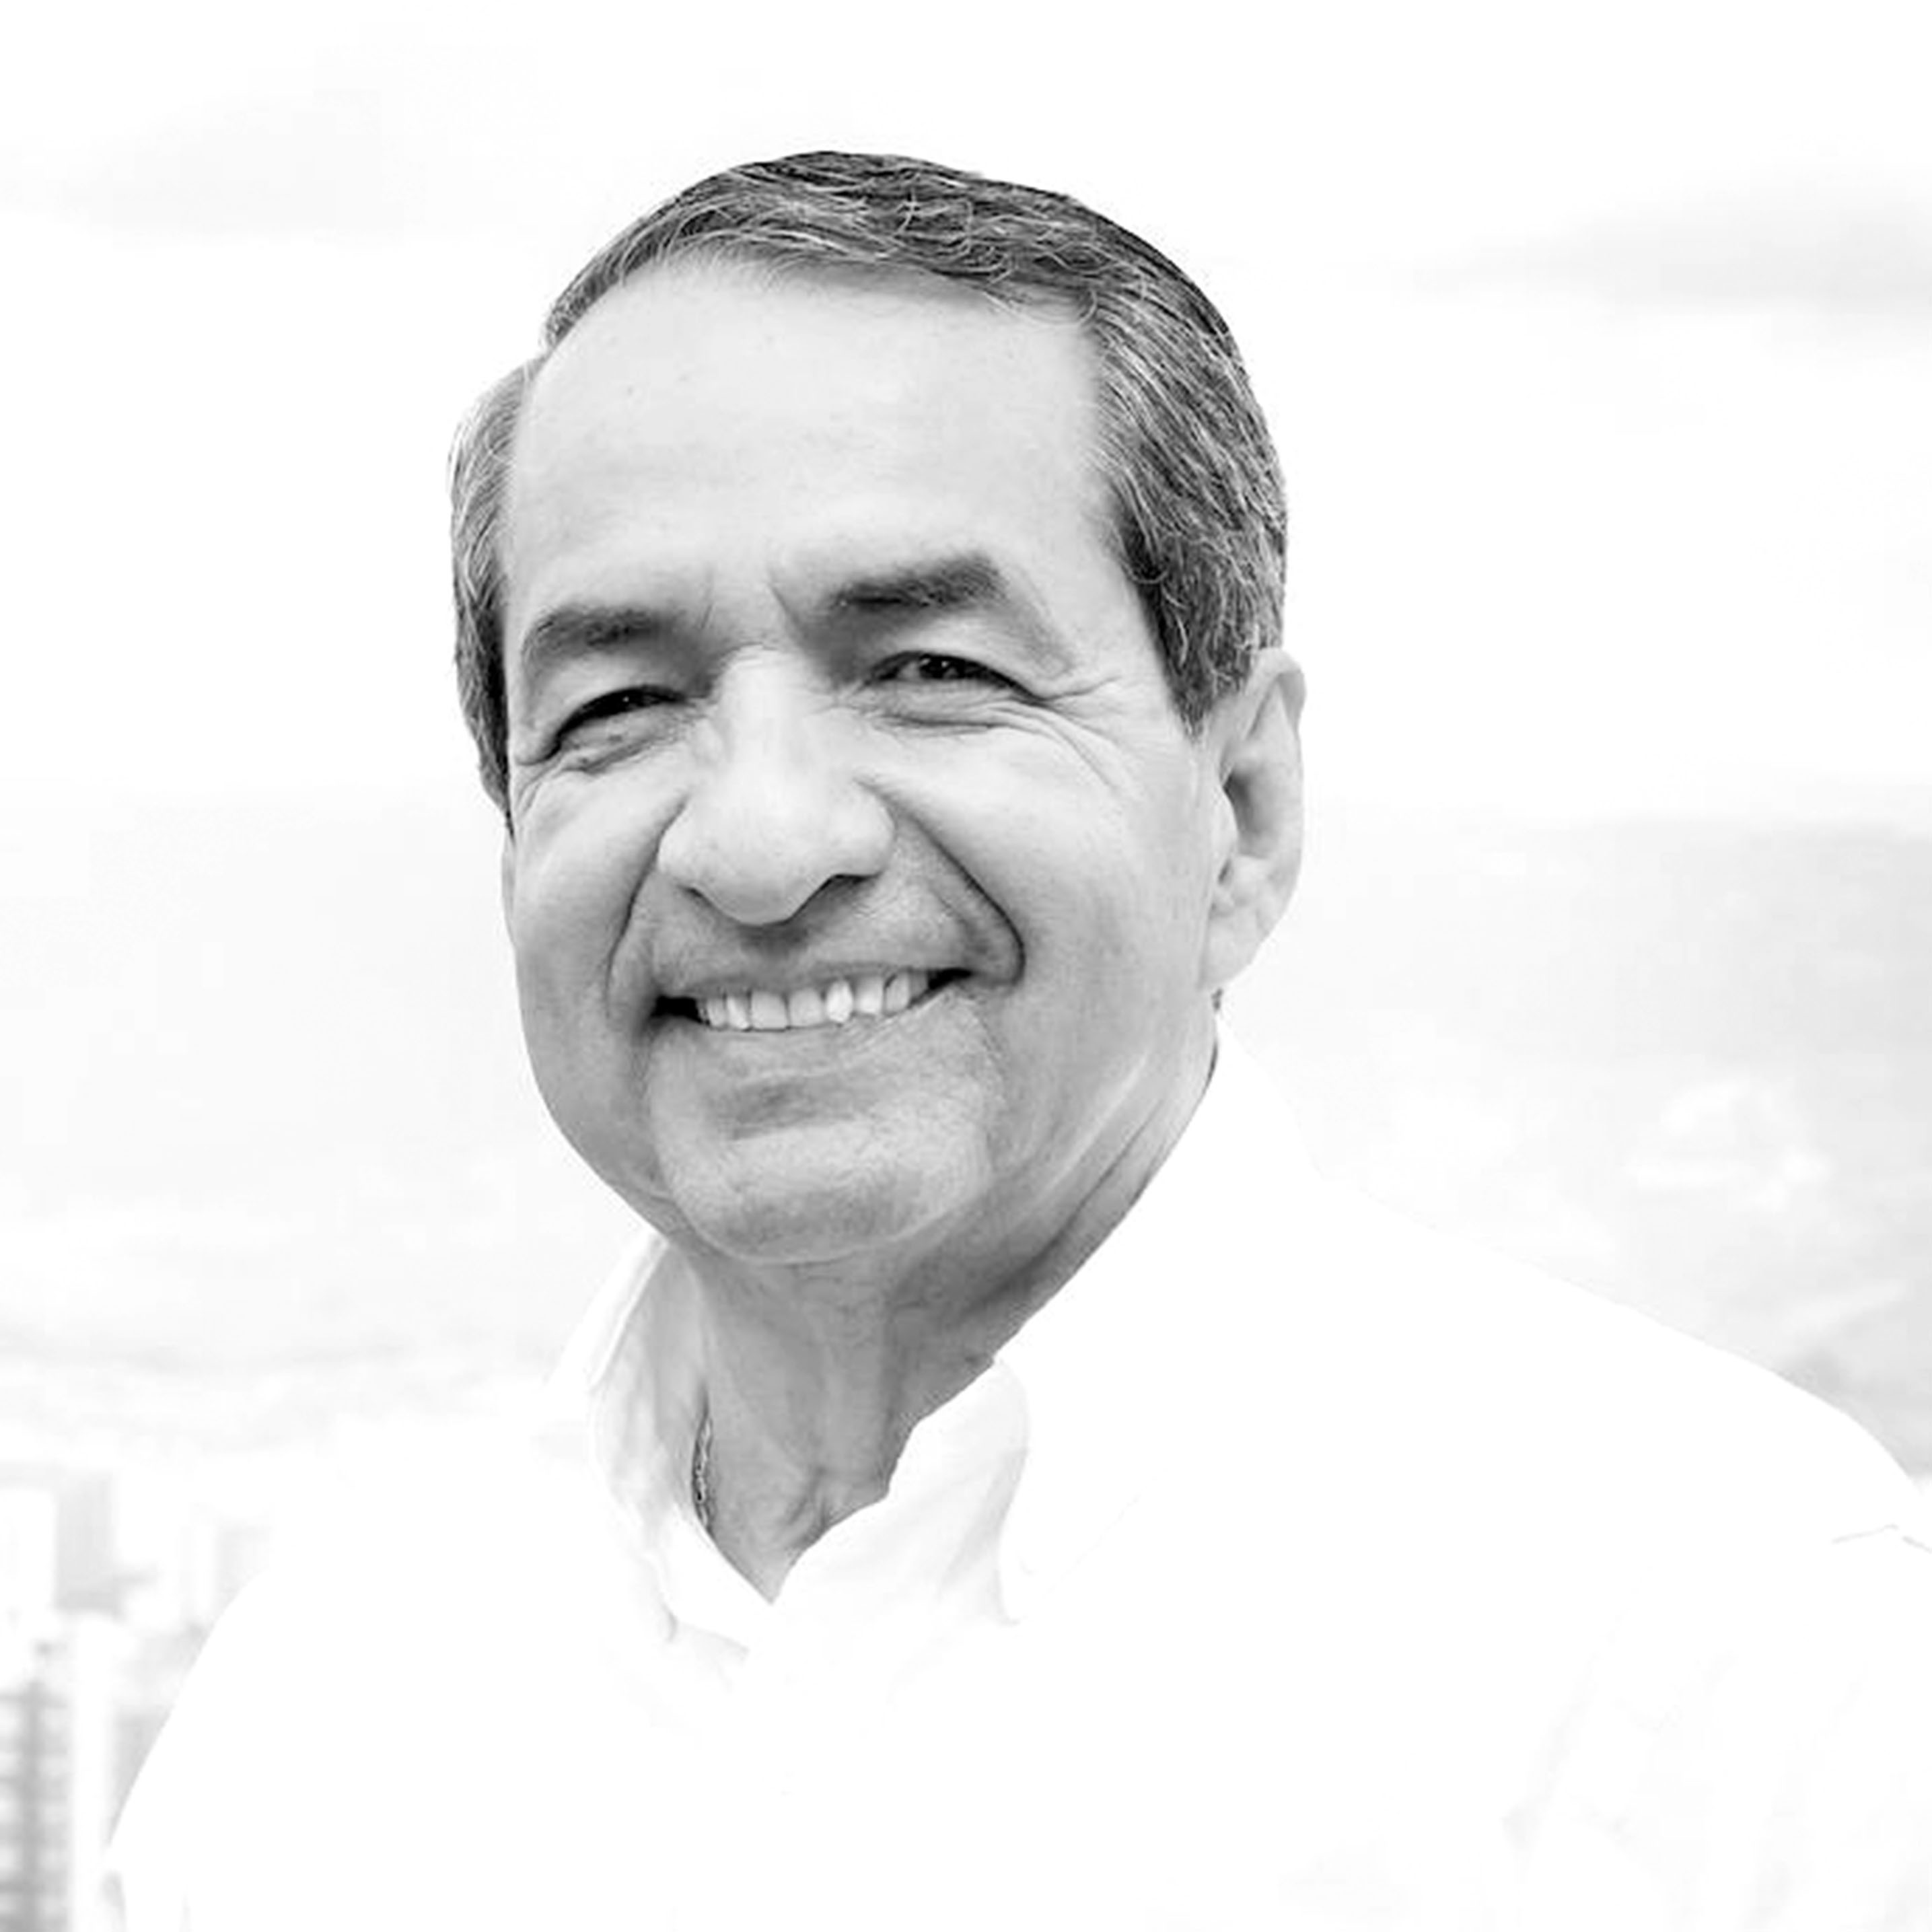 Añoro a mis abuelos Por: Carlos Ibáñez Muñoz   EL FRENTE